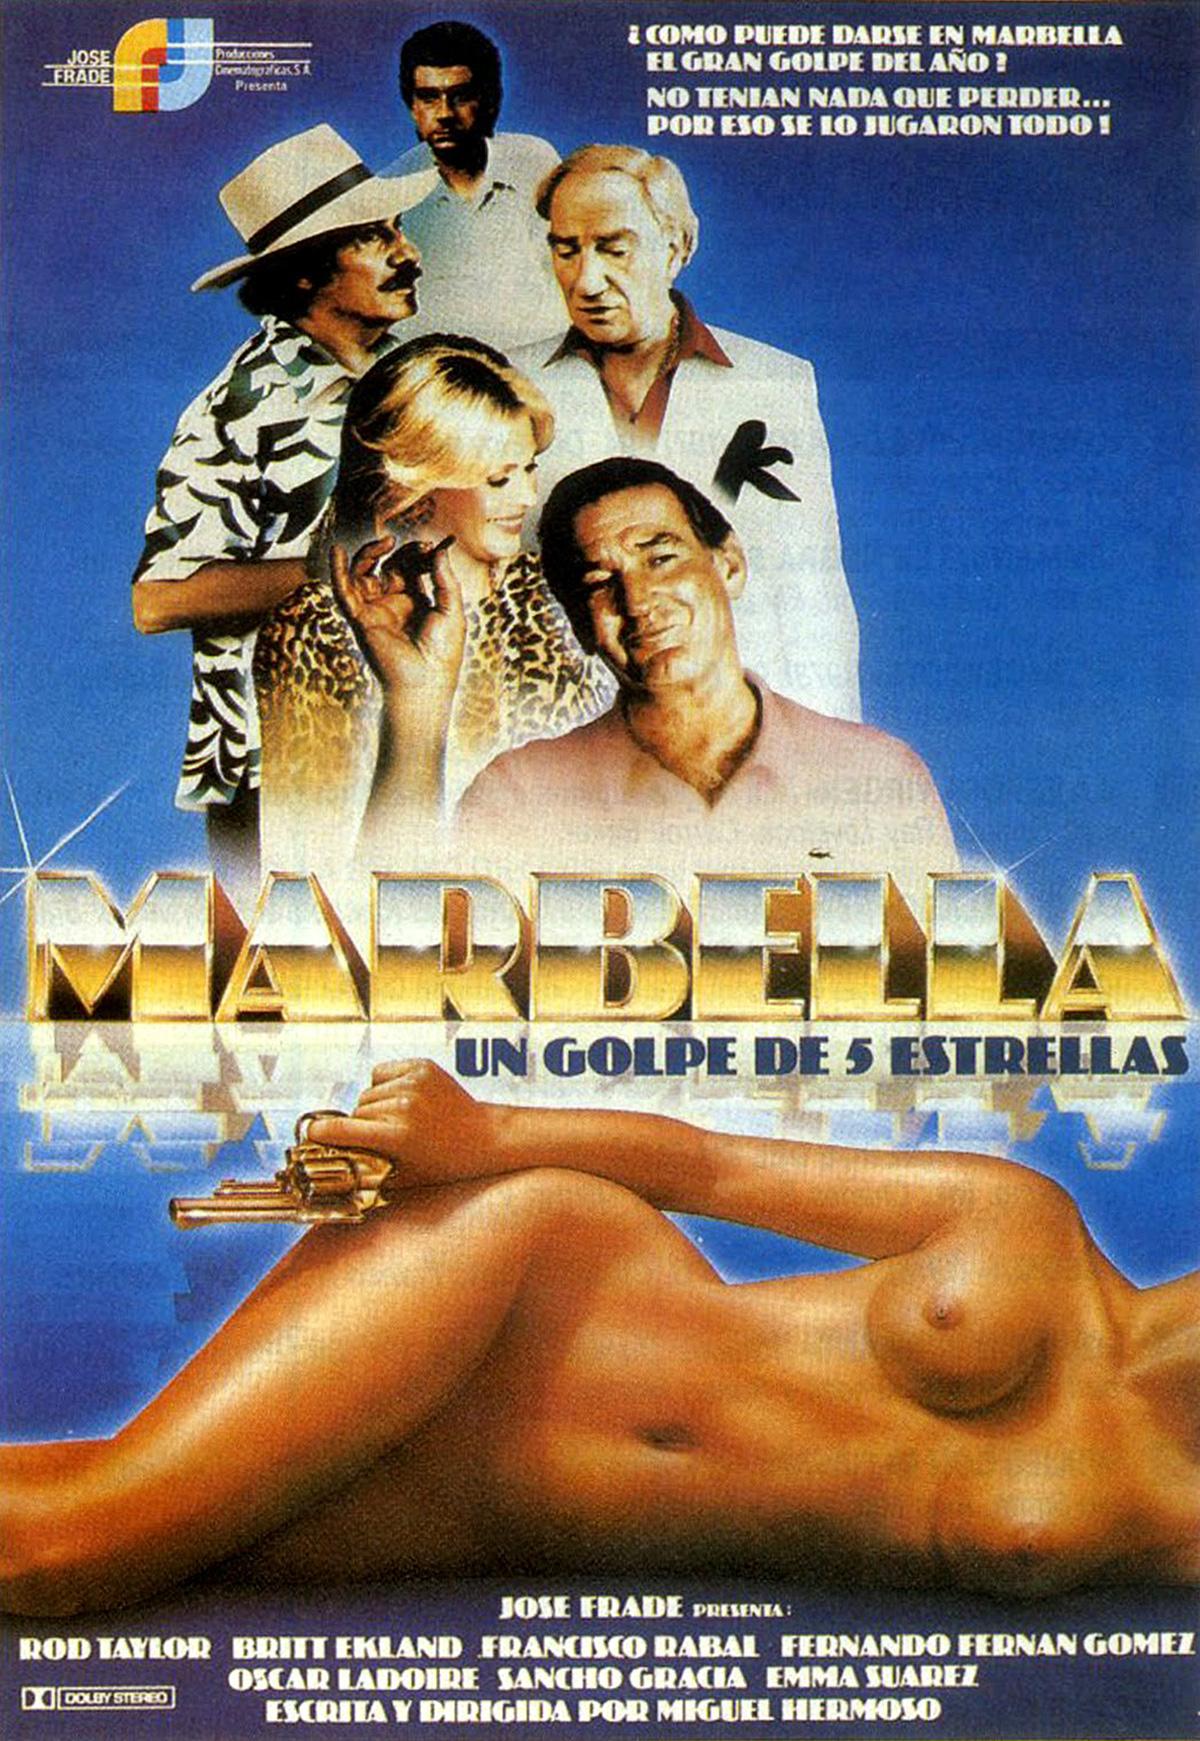 Marbella (Un golpe de conco estrellas